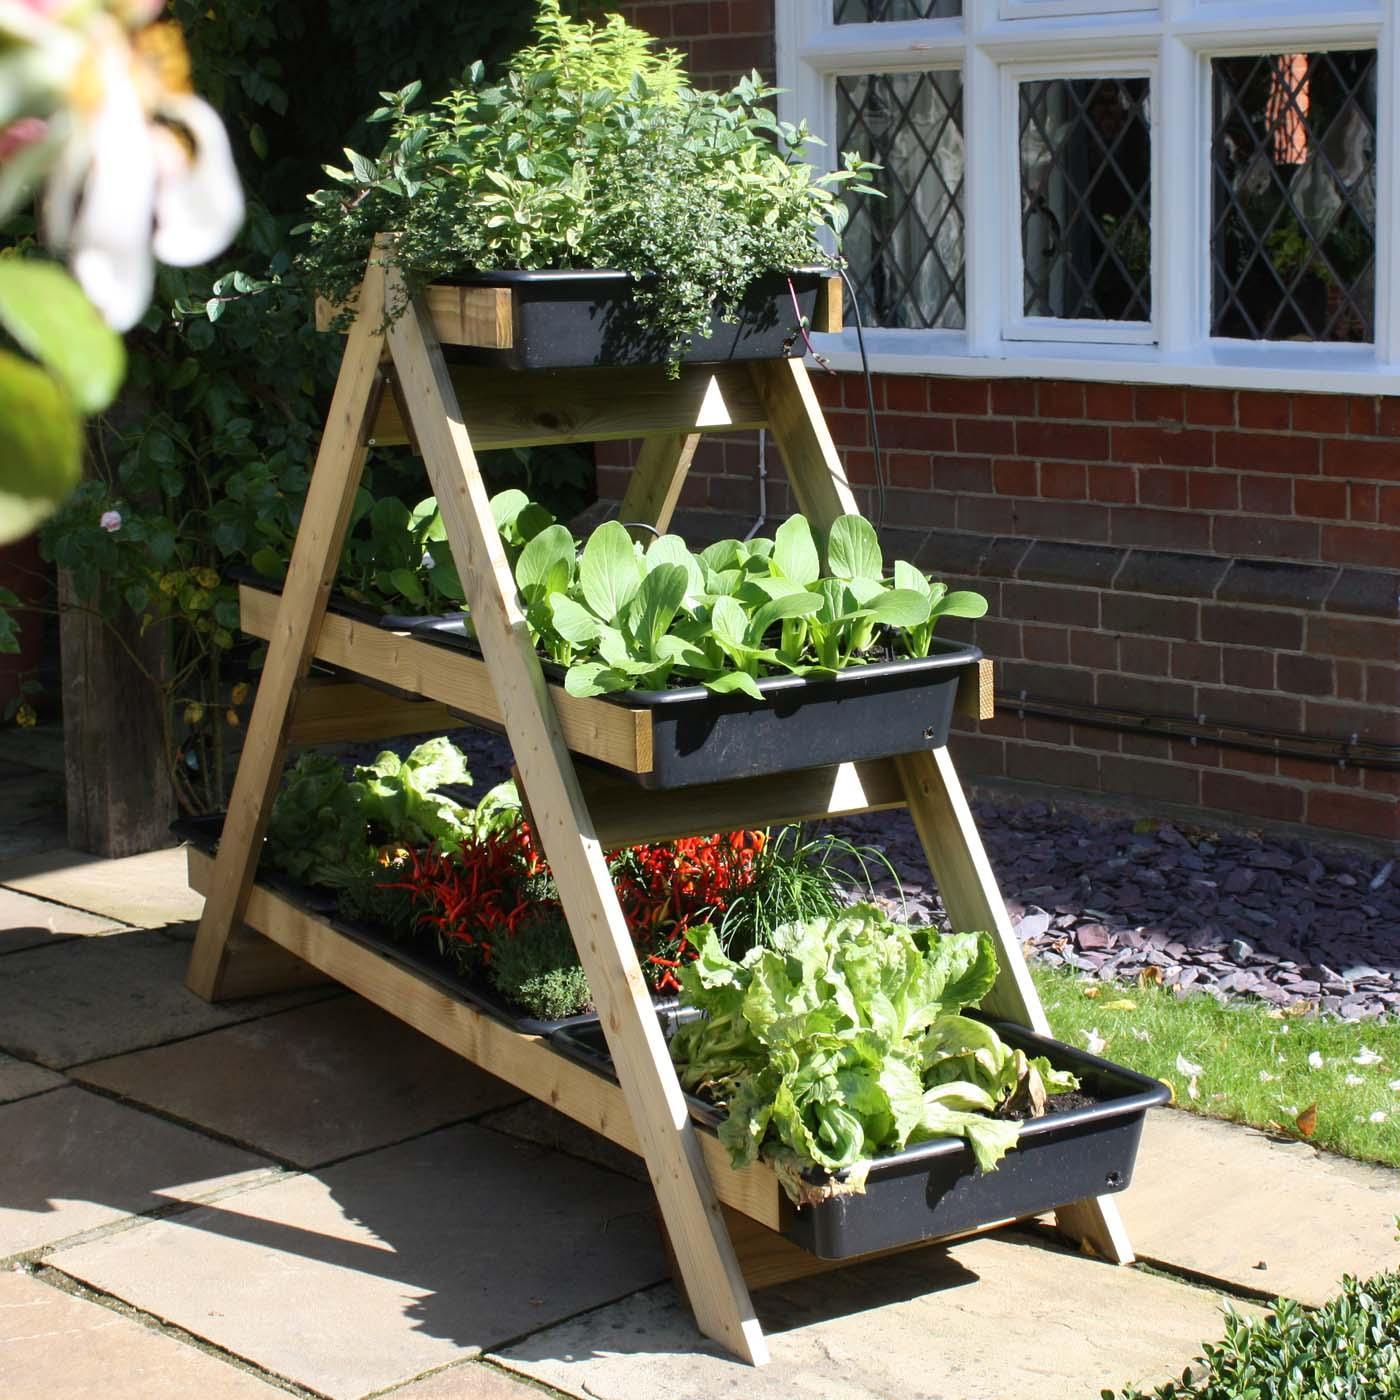 Maxi a frame vegetable garden garden planters at harrod for Vegetable garden planters